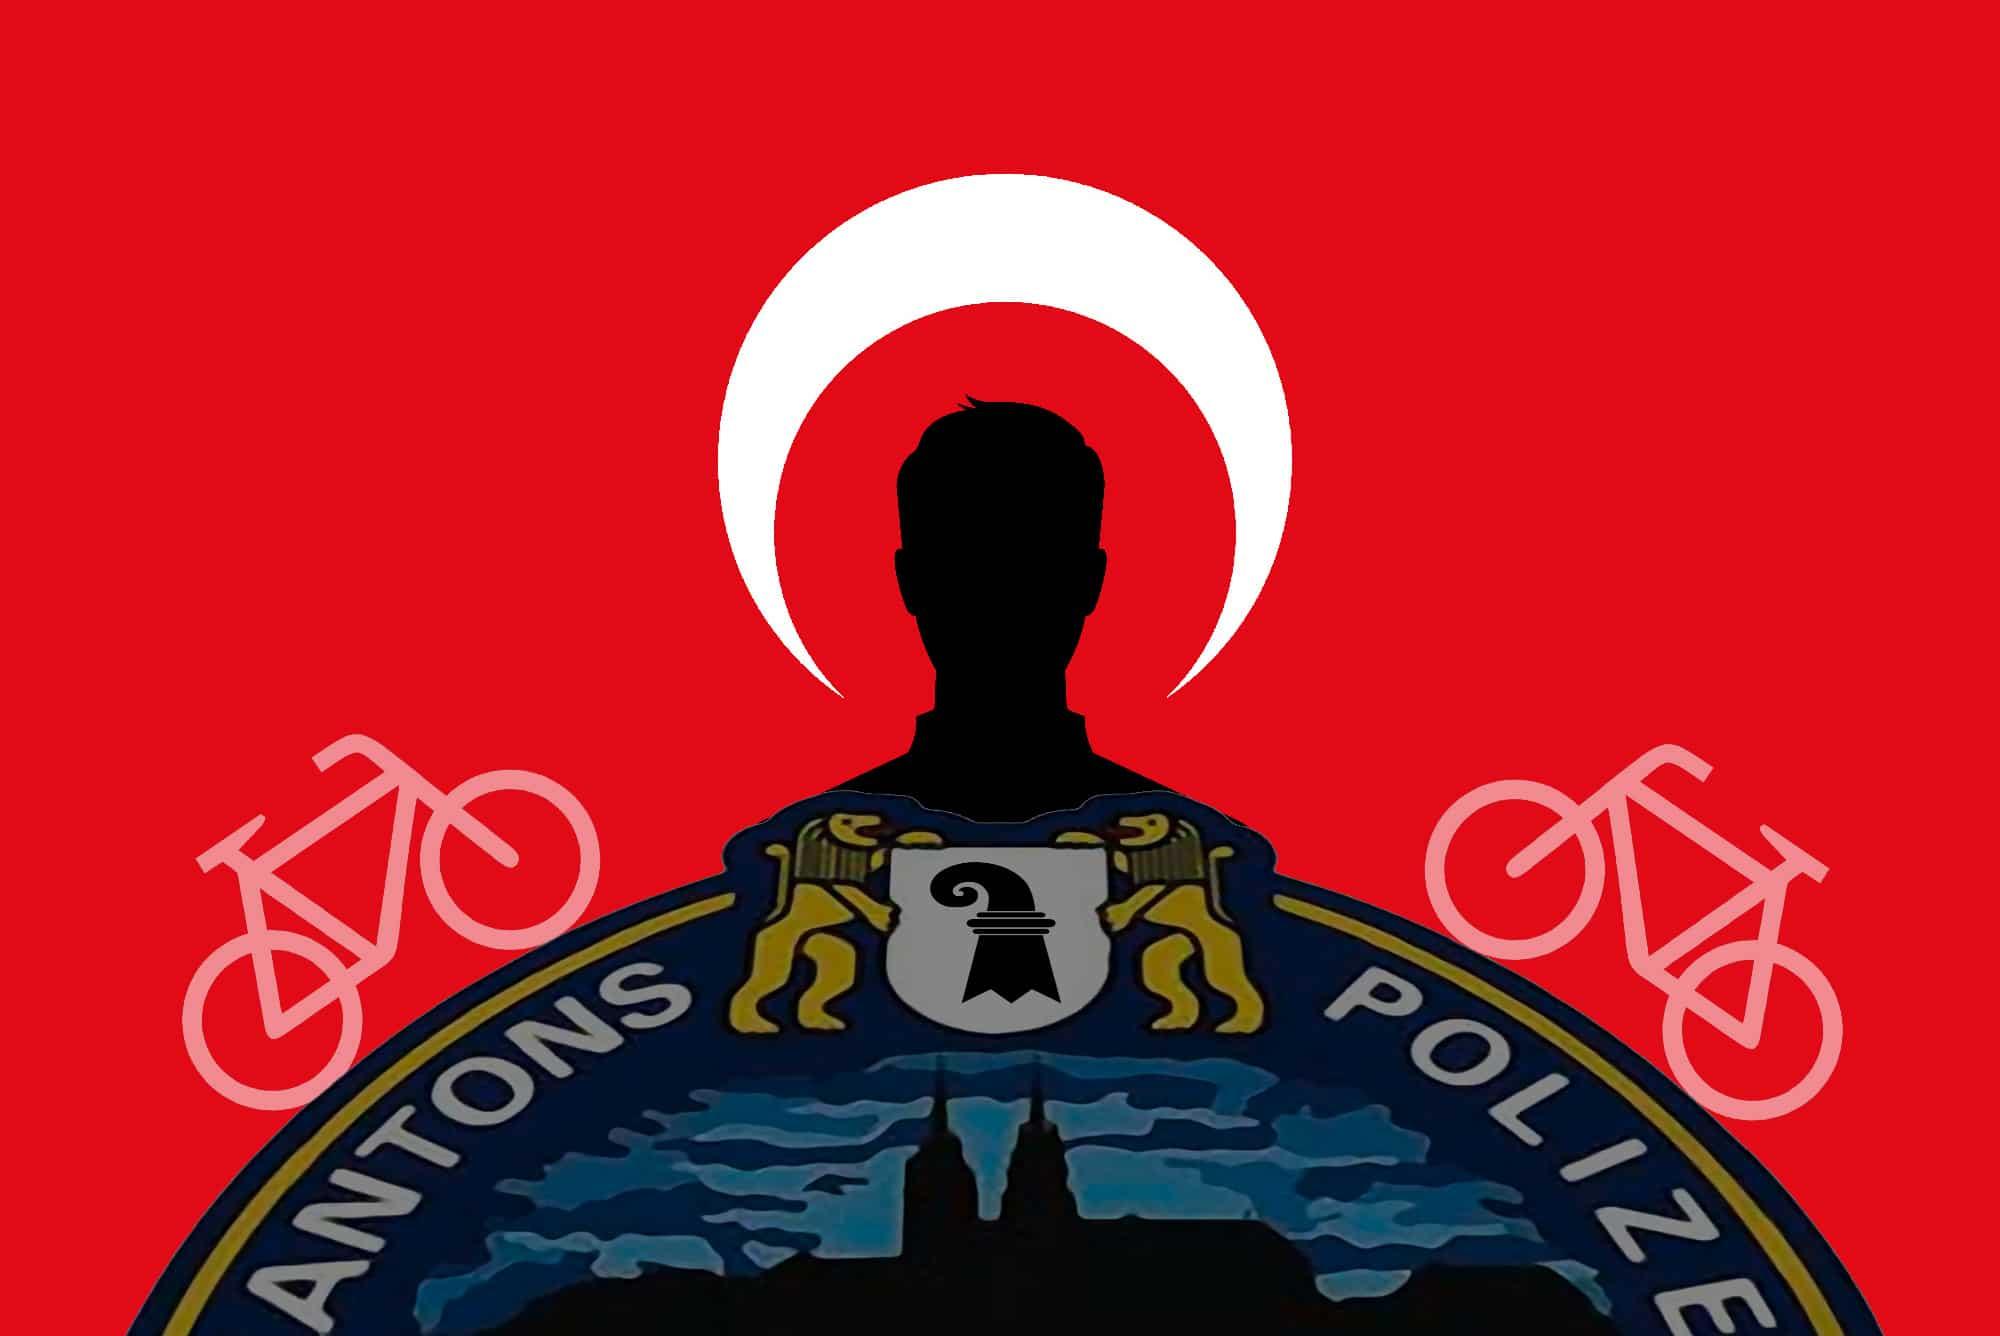 Kein Erdogan-Spitzel: Der Basler Sicherheitsassistent Y.S. wird vom Vorwurf der Spionage entlastet.